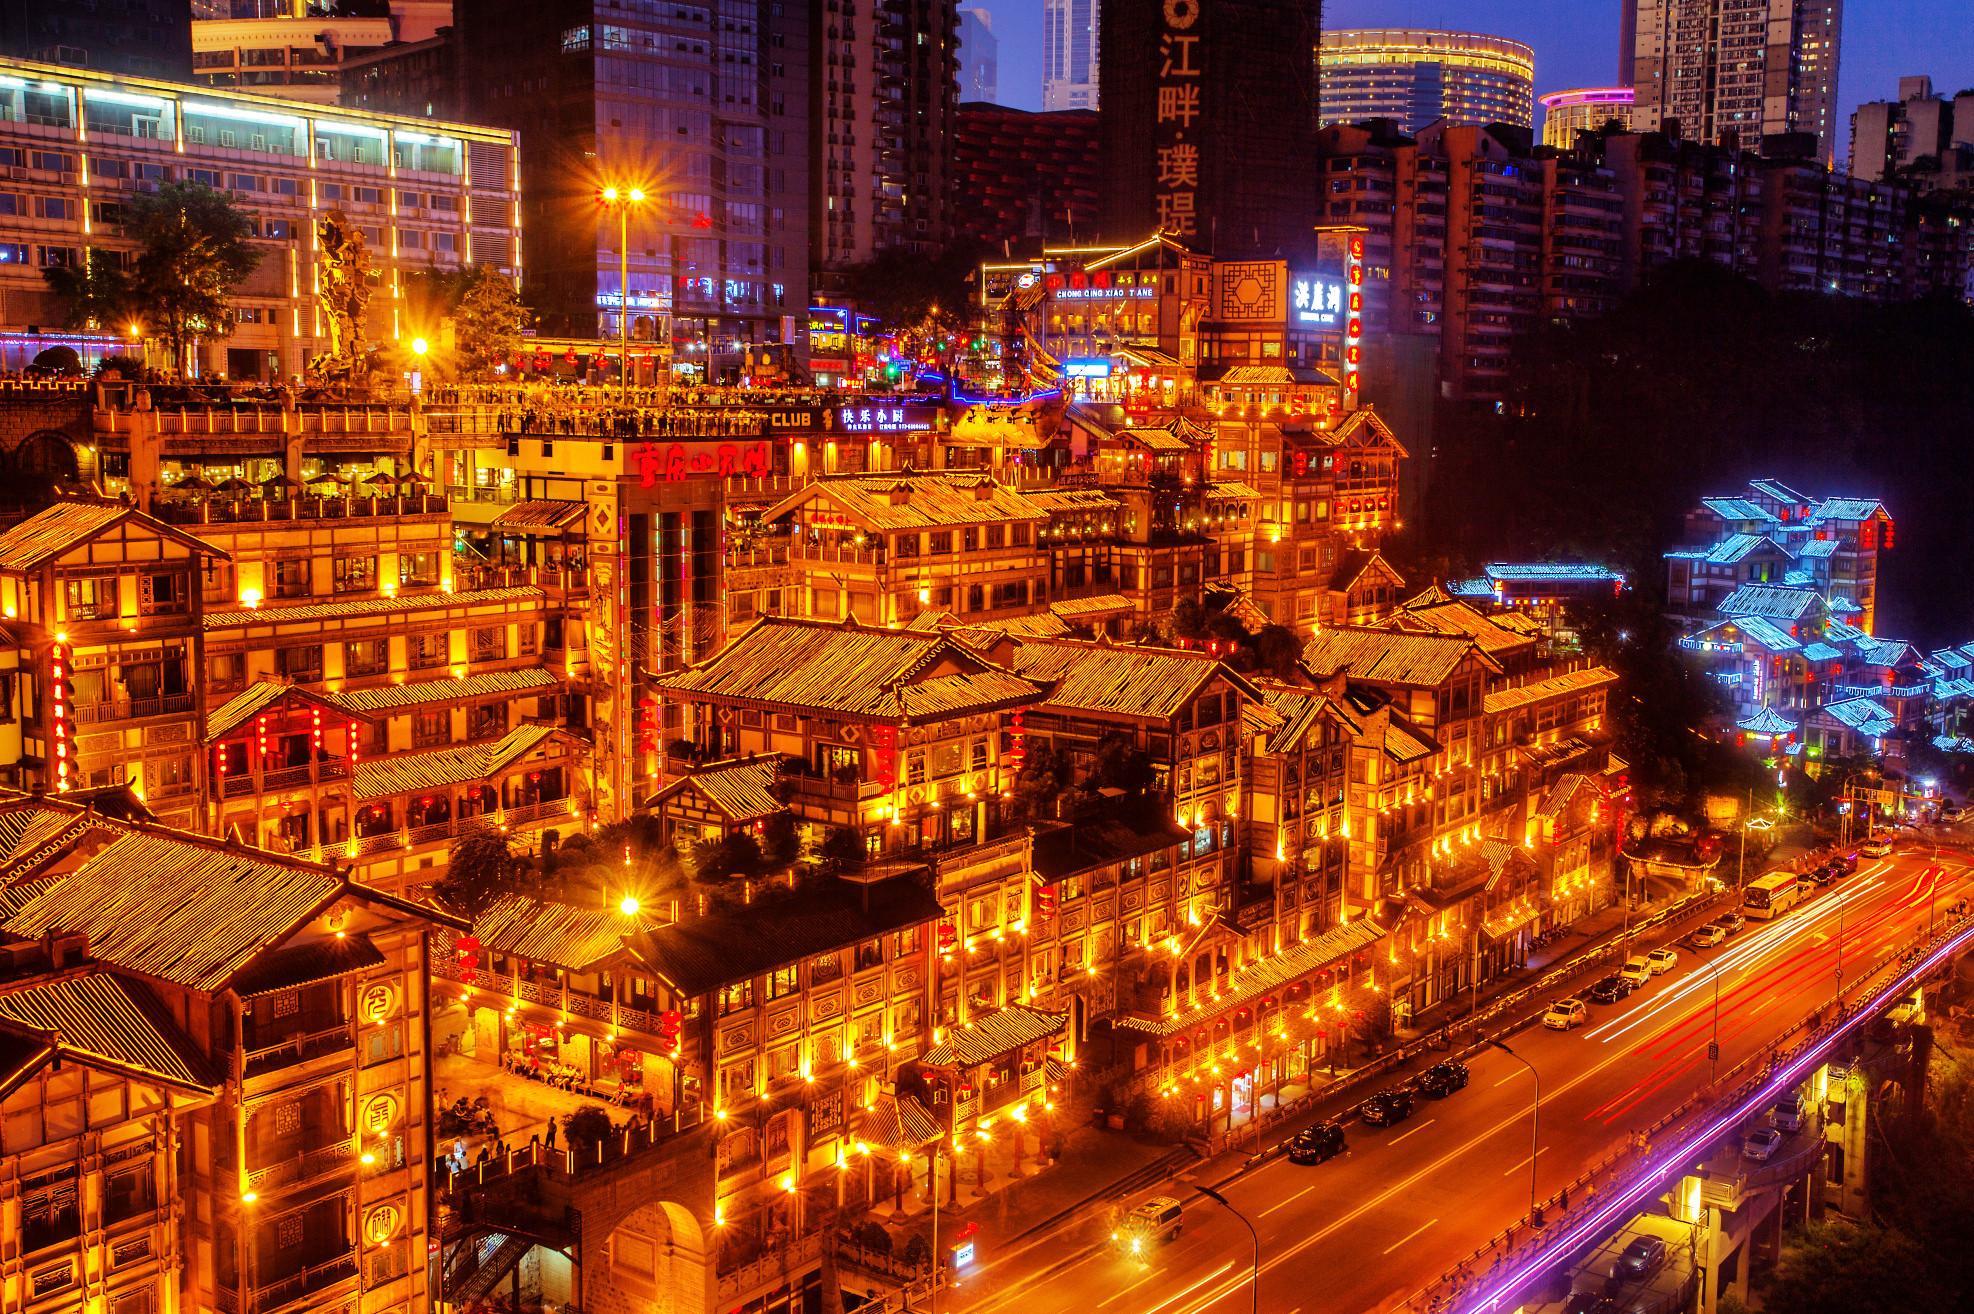 品味重庆市内一日游往返巴士1日游磁器口、轻轨穿楼、白公馆、渣滓洞、解放碑、洪崖洞